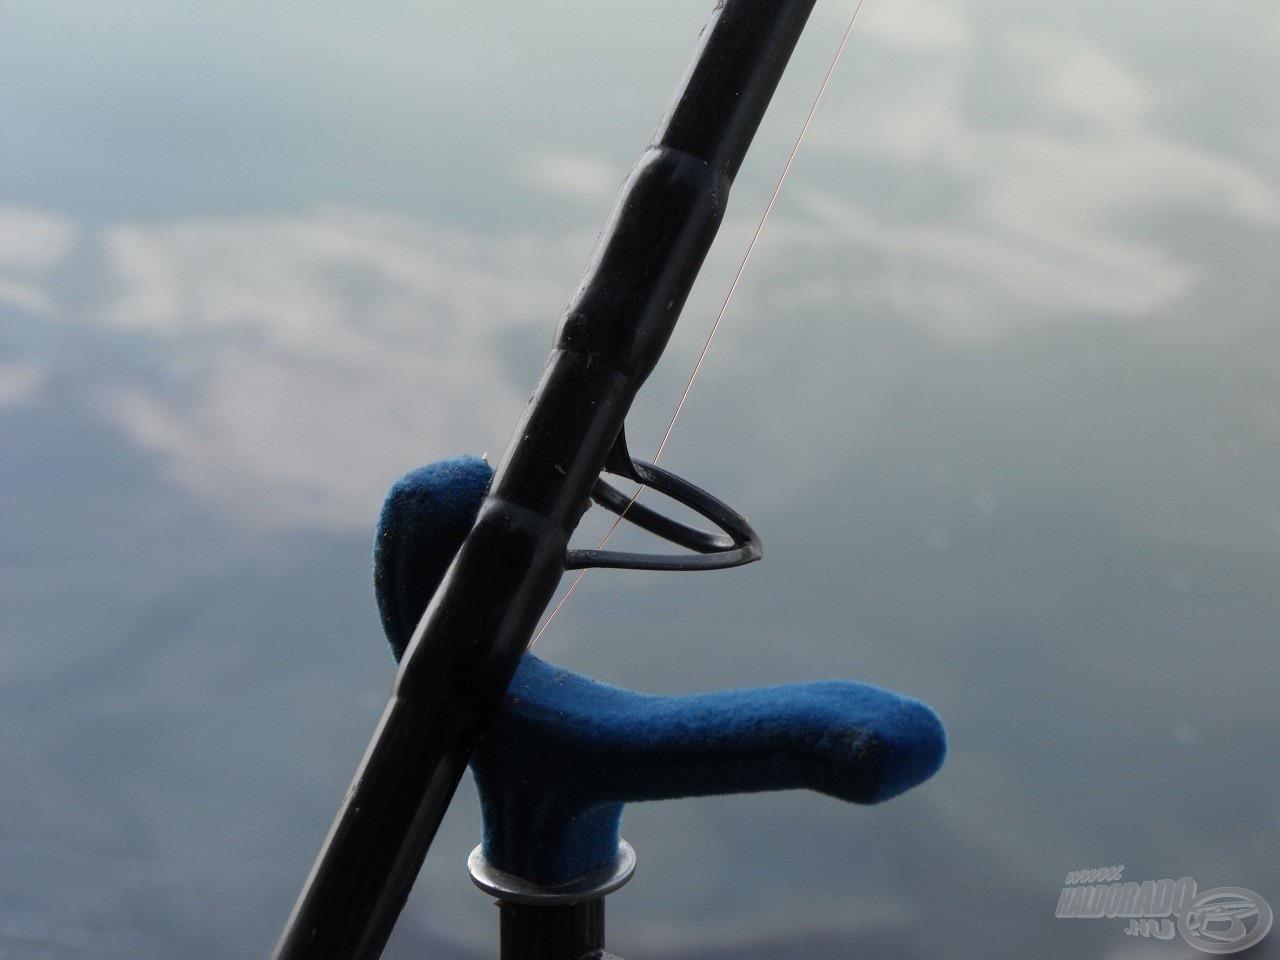 Jó szolgálatot tett a Haldorádó River Feeder Blue bottartó fej, hiszen az agresszívan kapó márna könnyen leránthatta volna a botot a tartóról